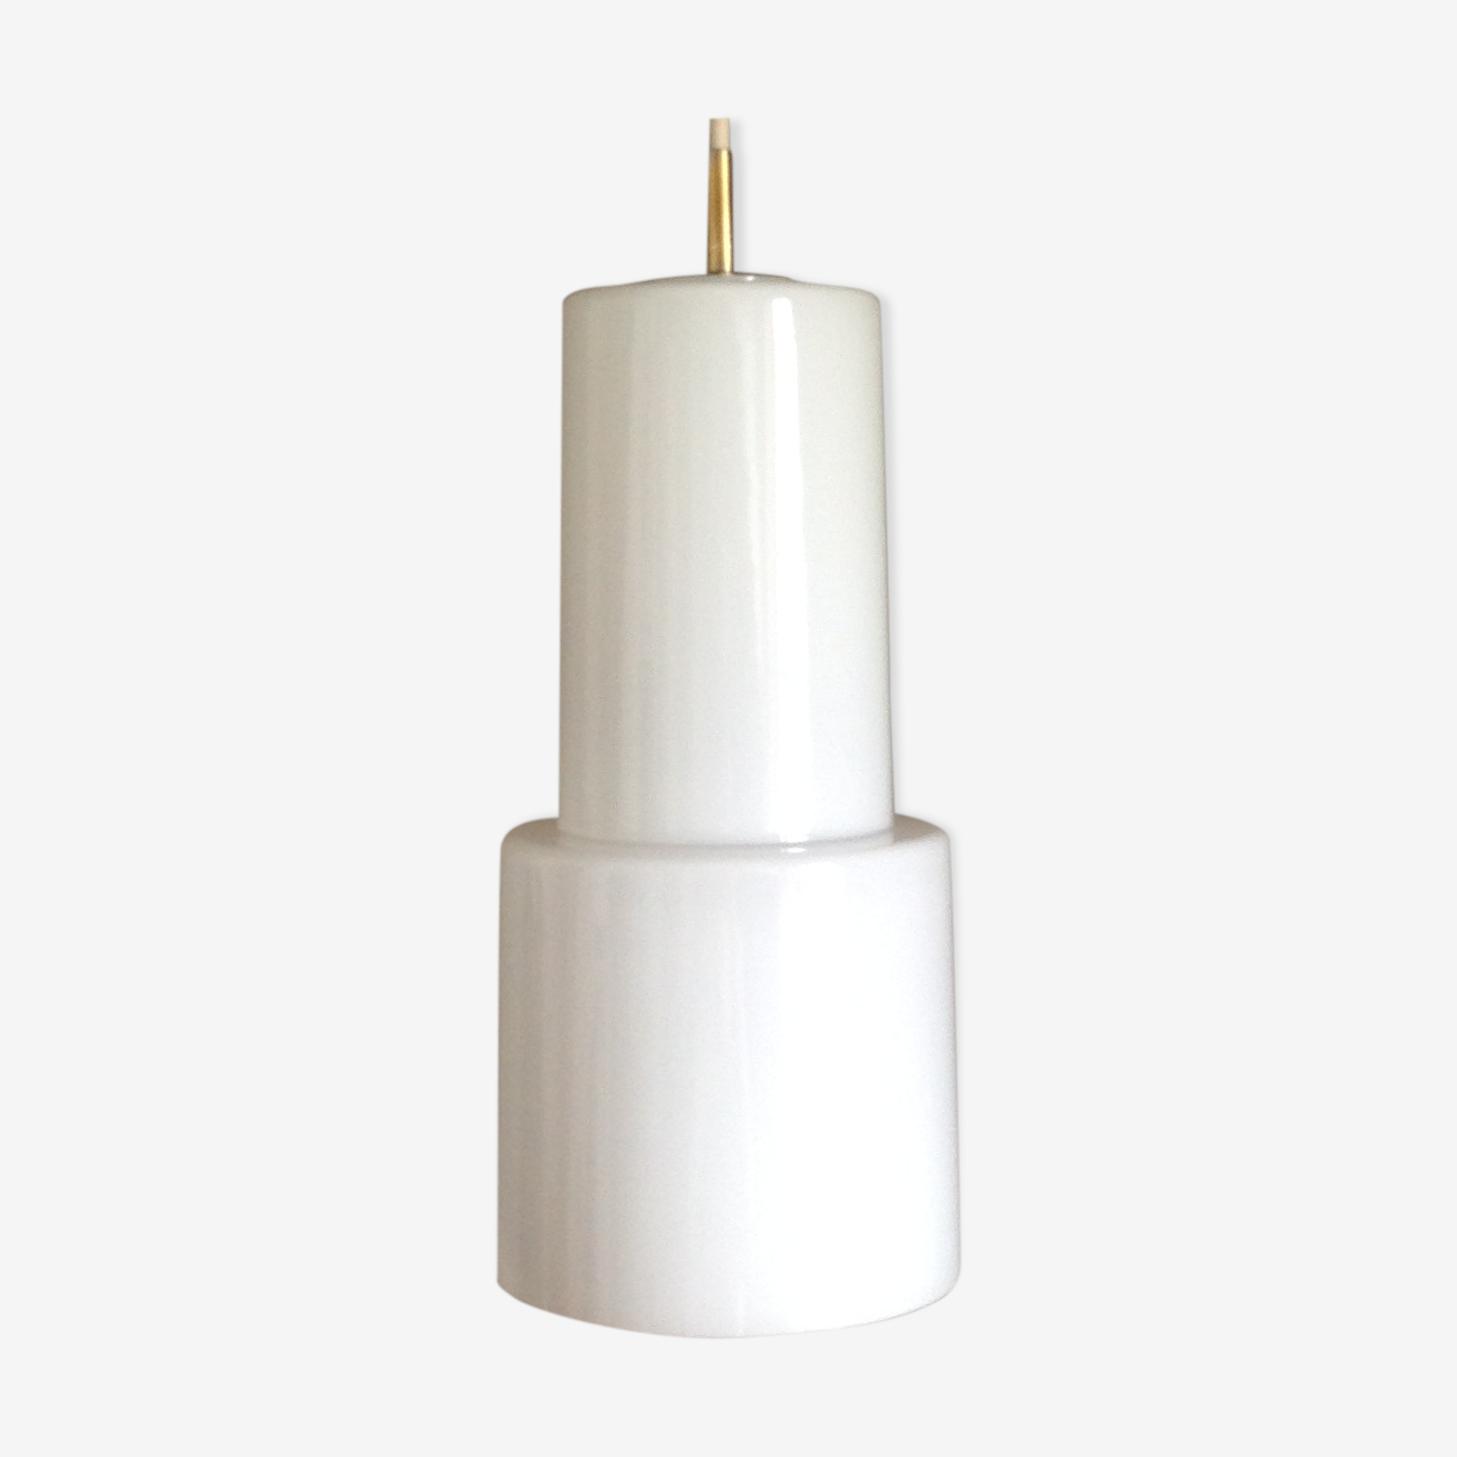 Suspension tube en opaline blanche, vintage, années 60-70